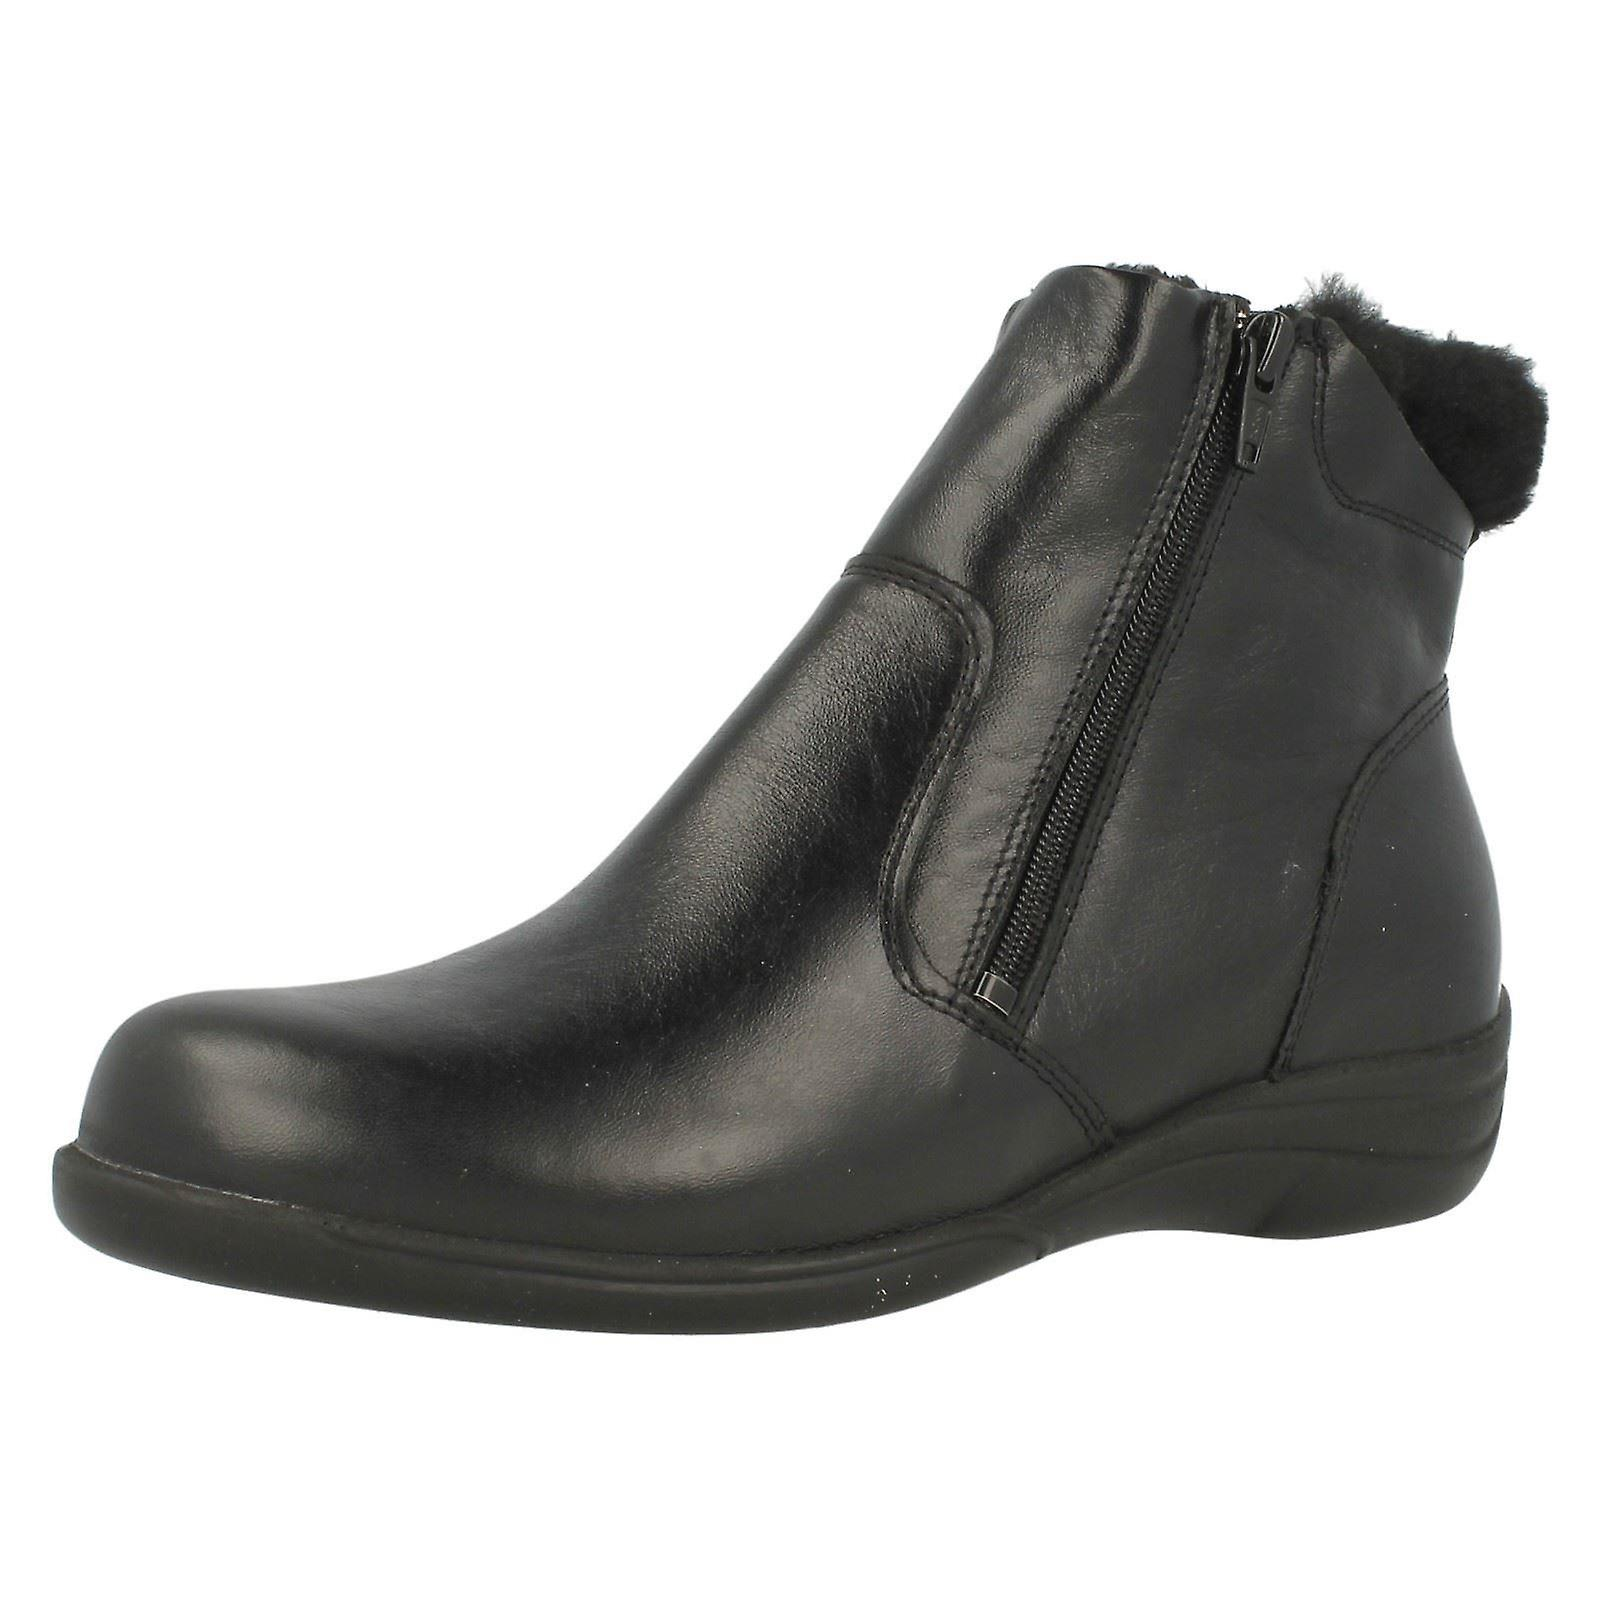 Panie zmiennej B łatwy montaż kostki buty Mia IeUrk